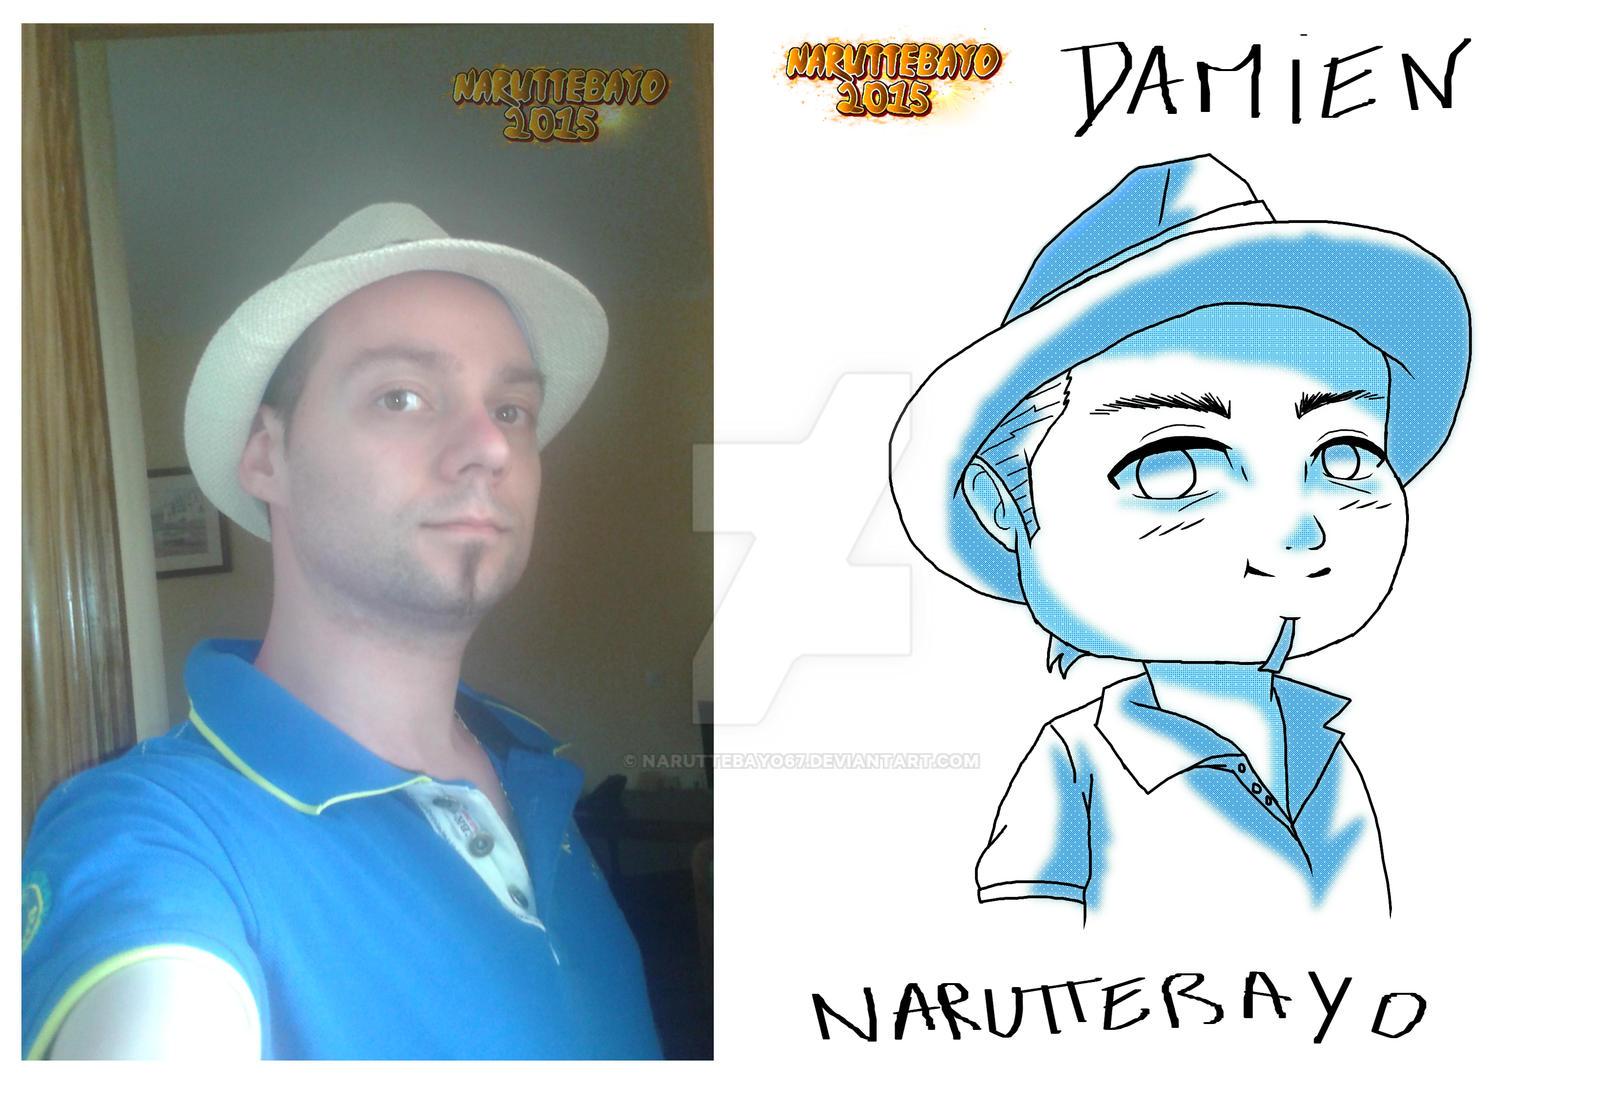 Naruttebayo67's Profile Picture